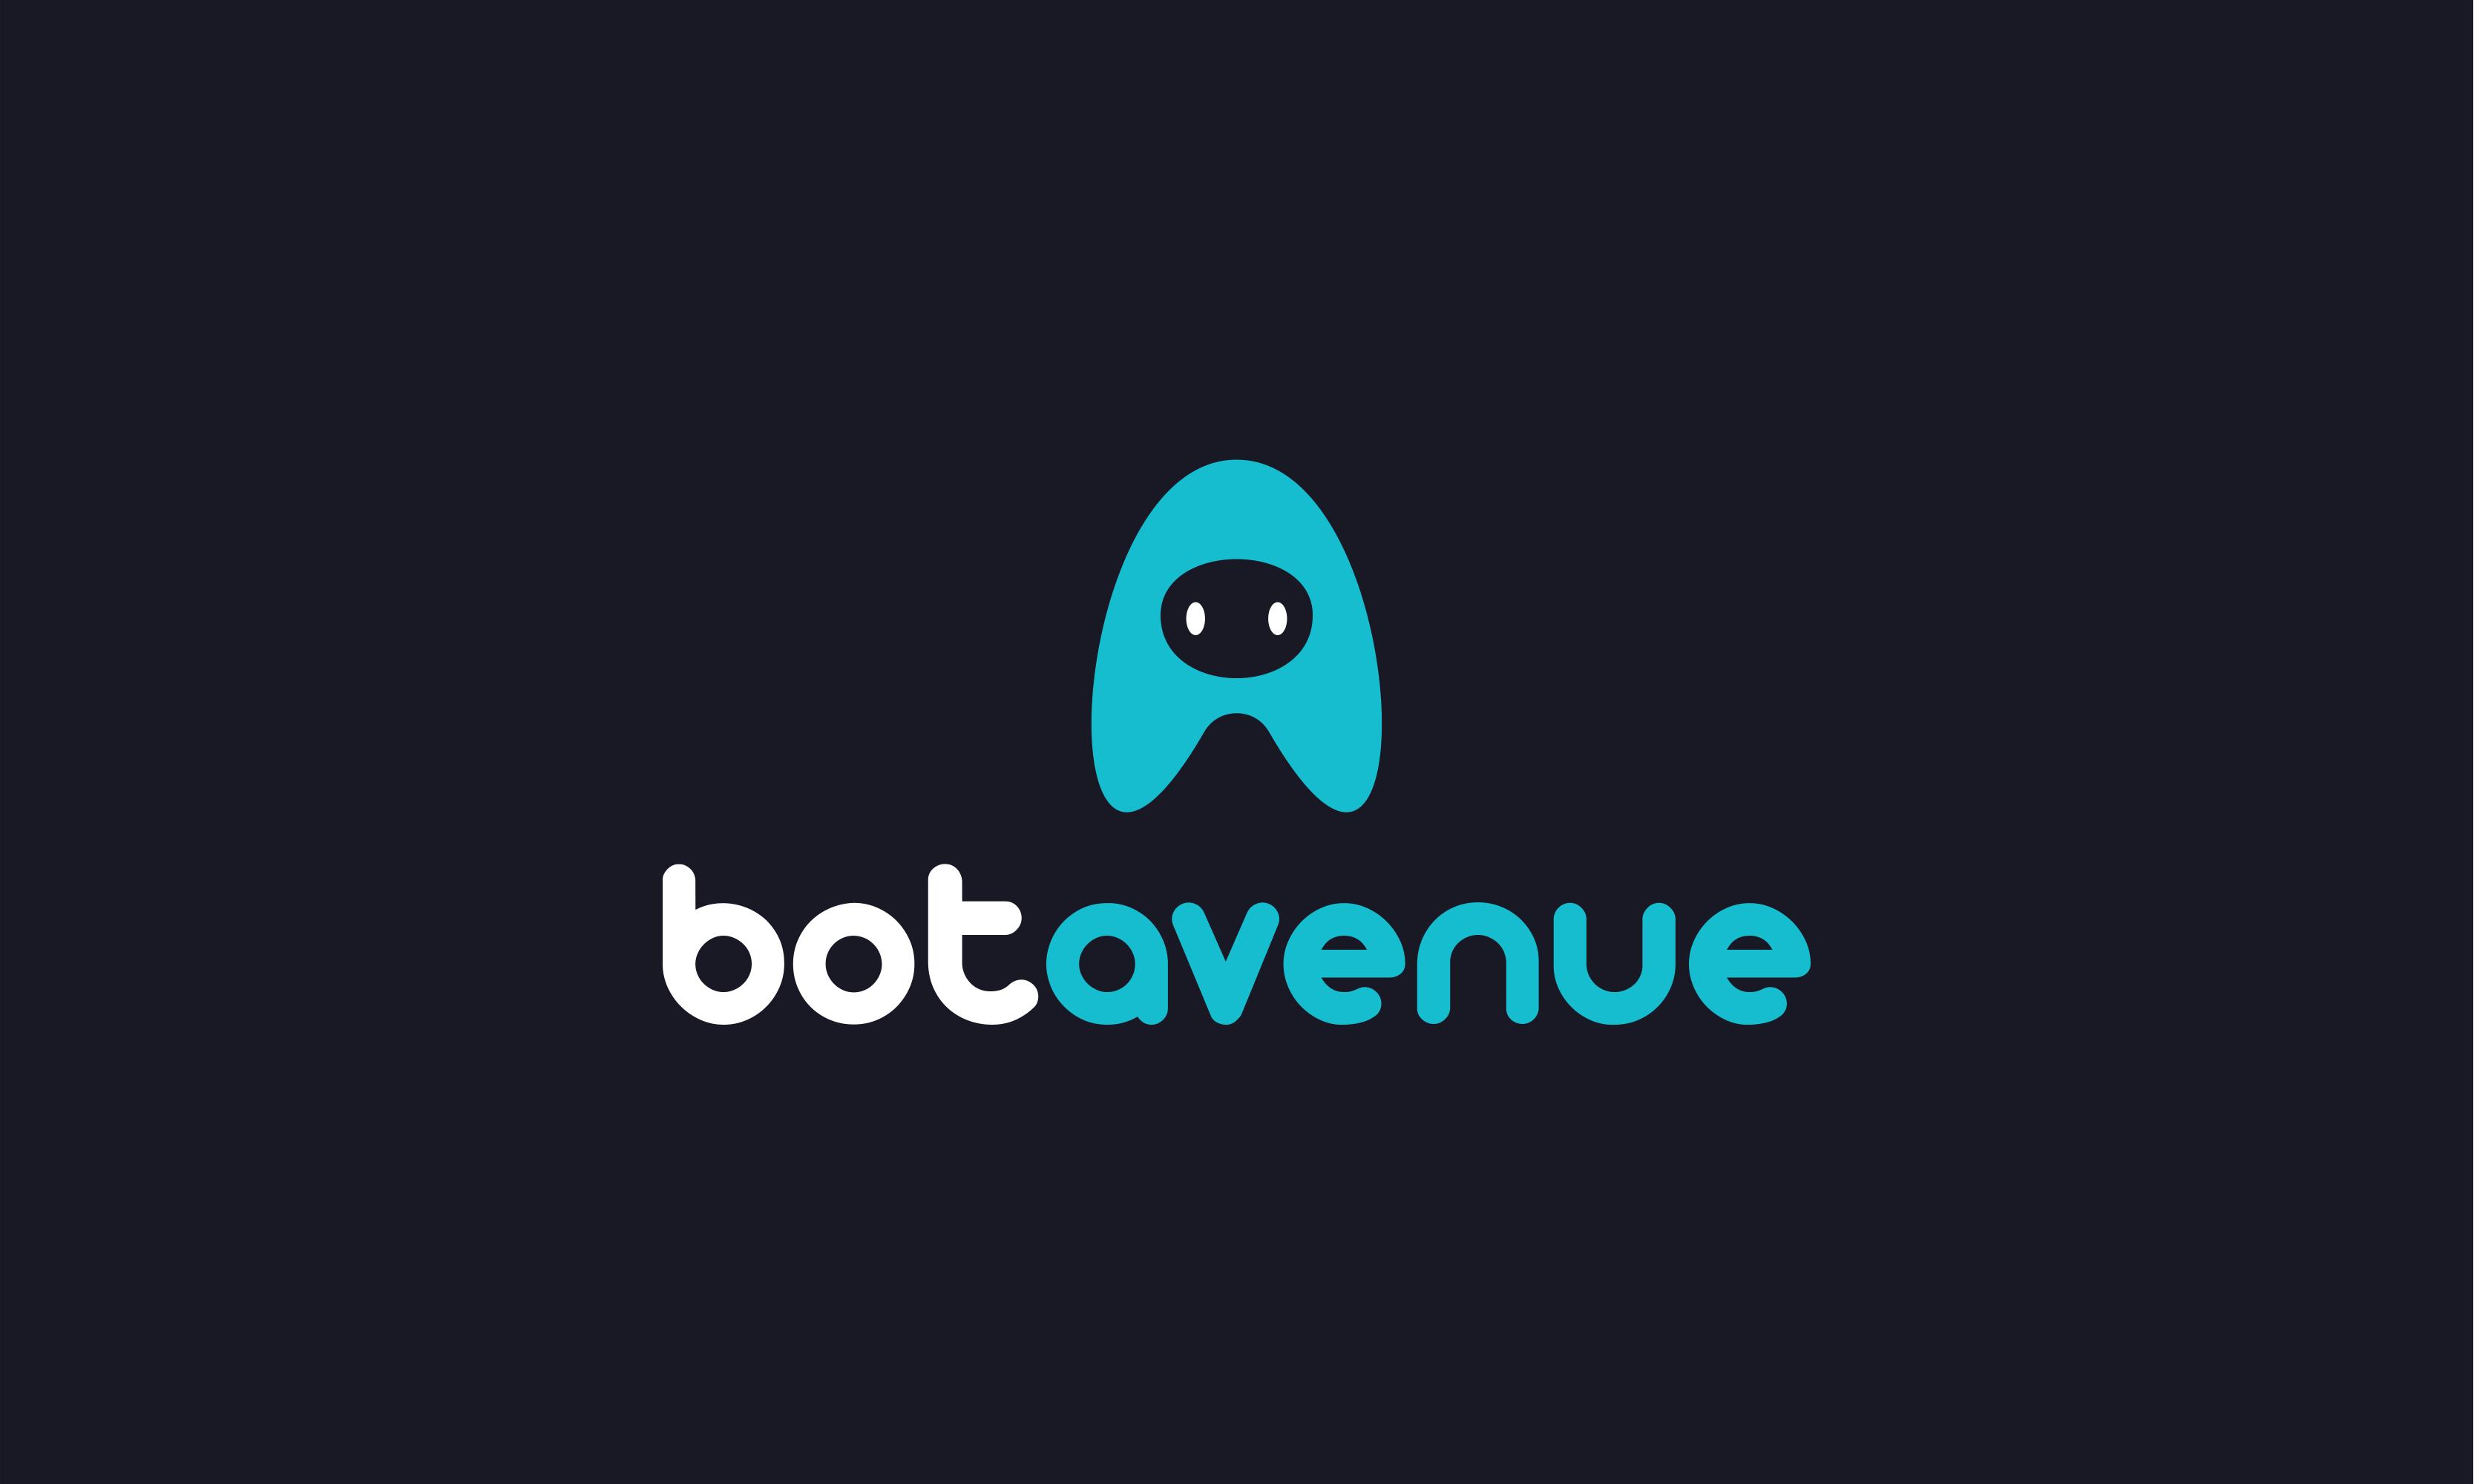 Botavenue